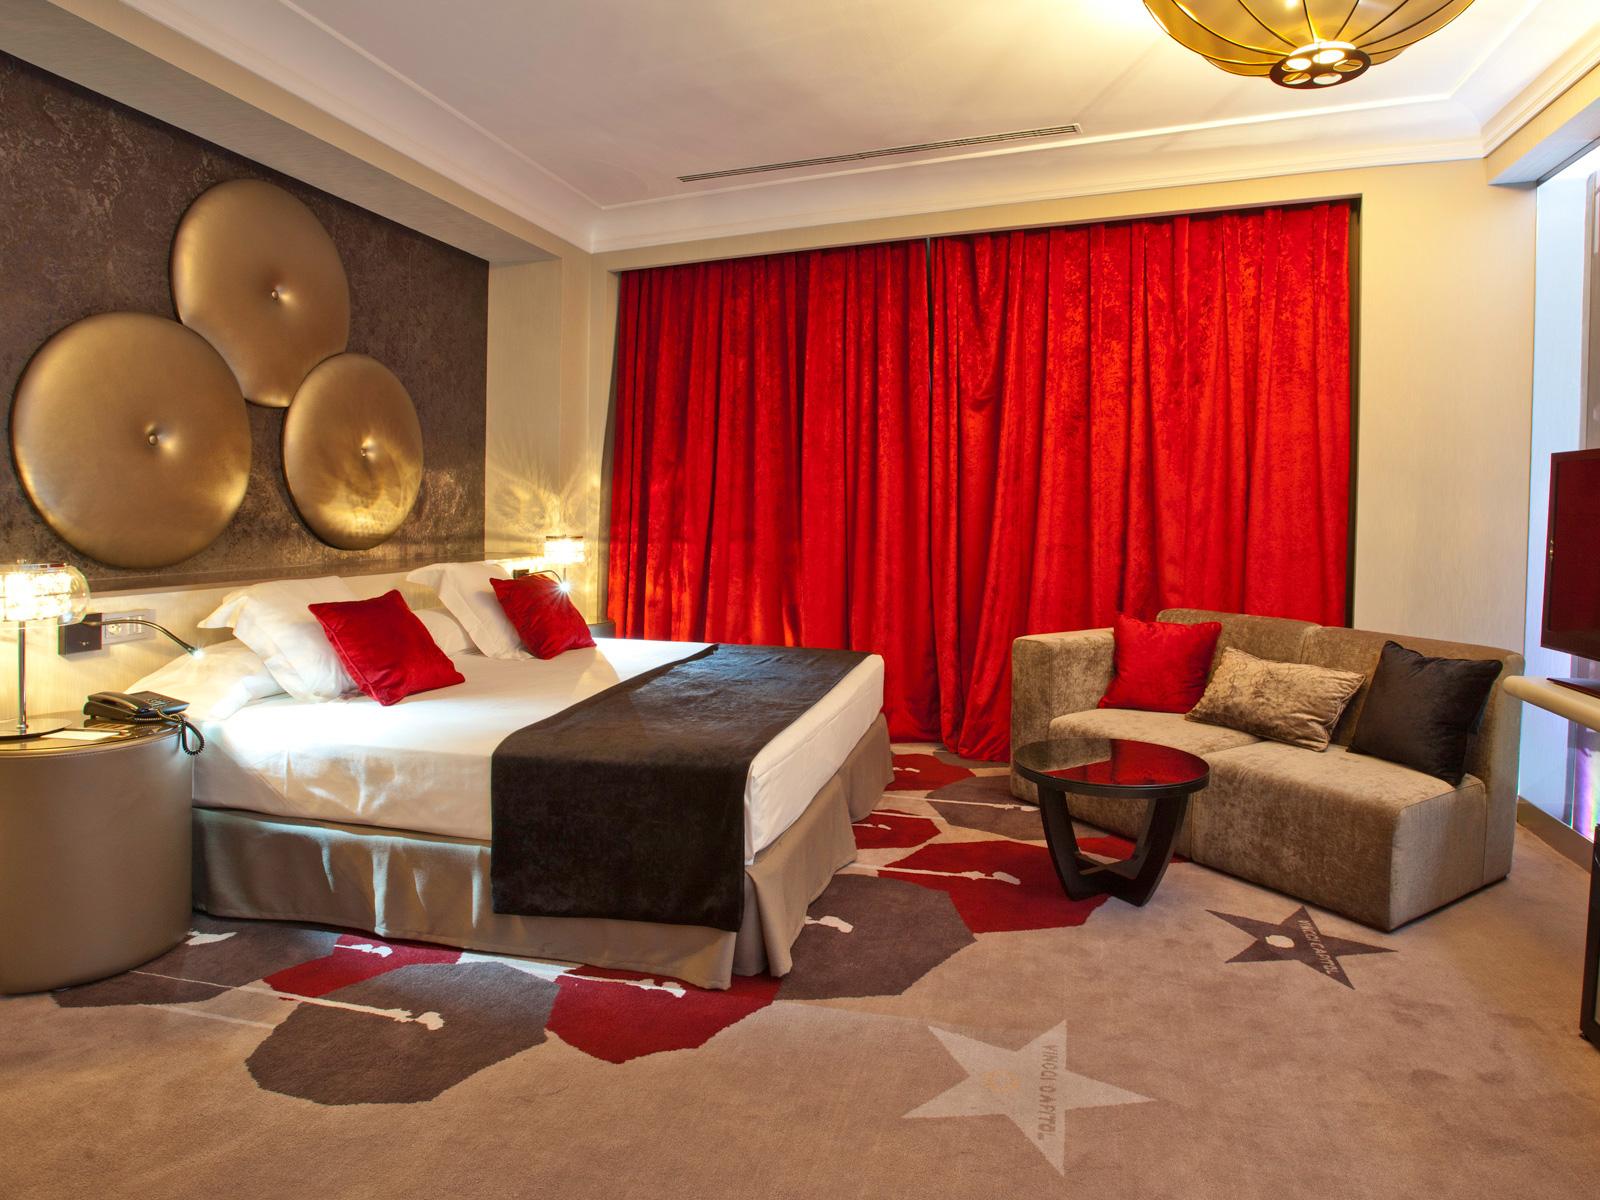 Ofertas Hotel Madrid Capitol - Vincci Hoteles - ¡Anticípate y ahorra -10%!